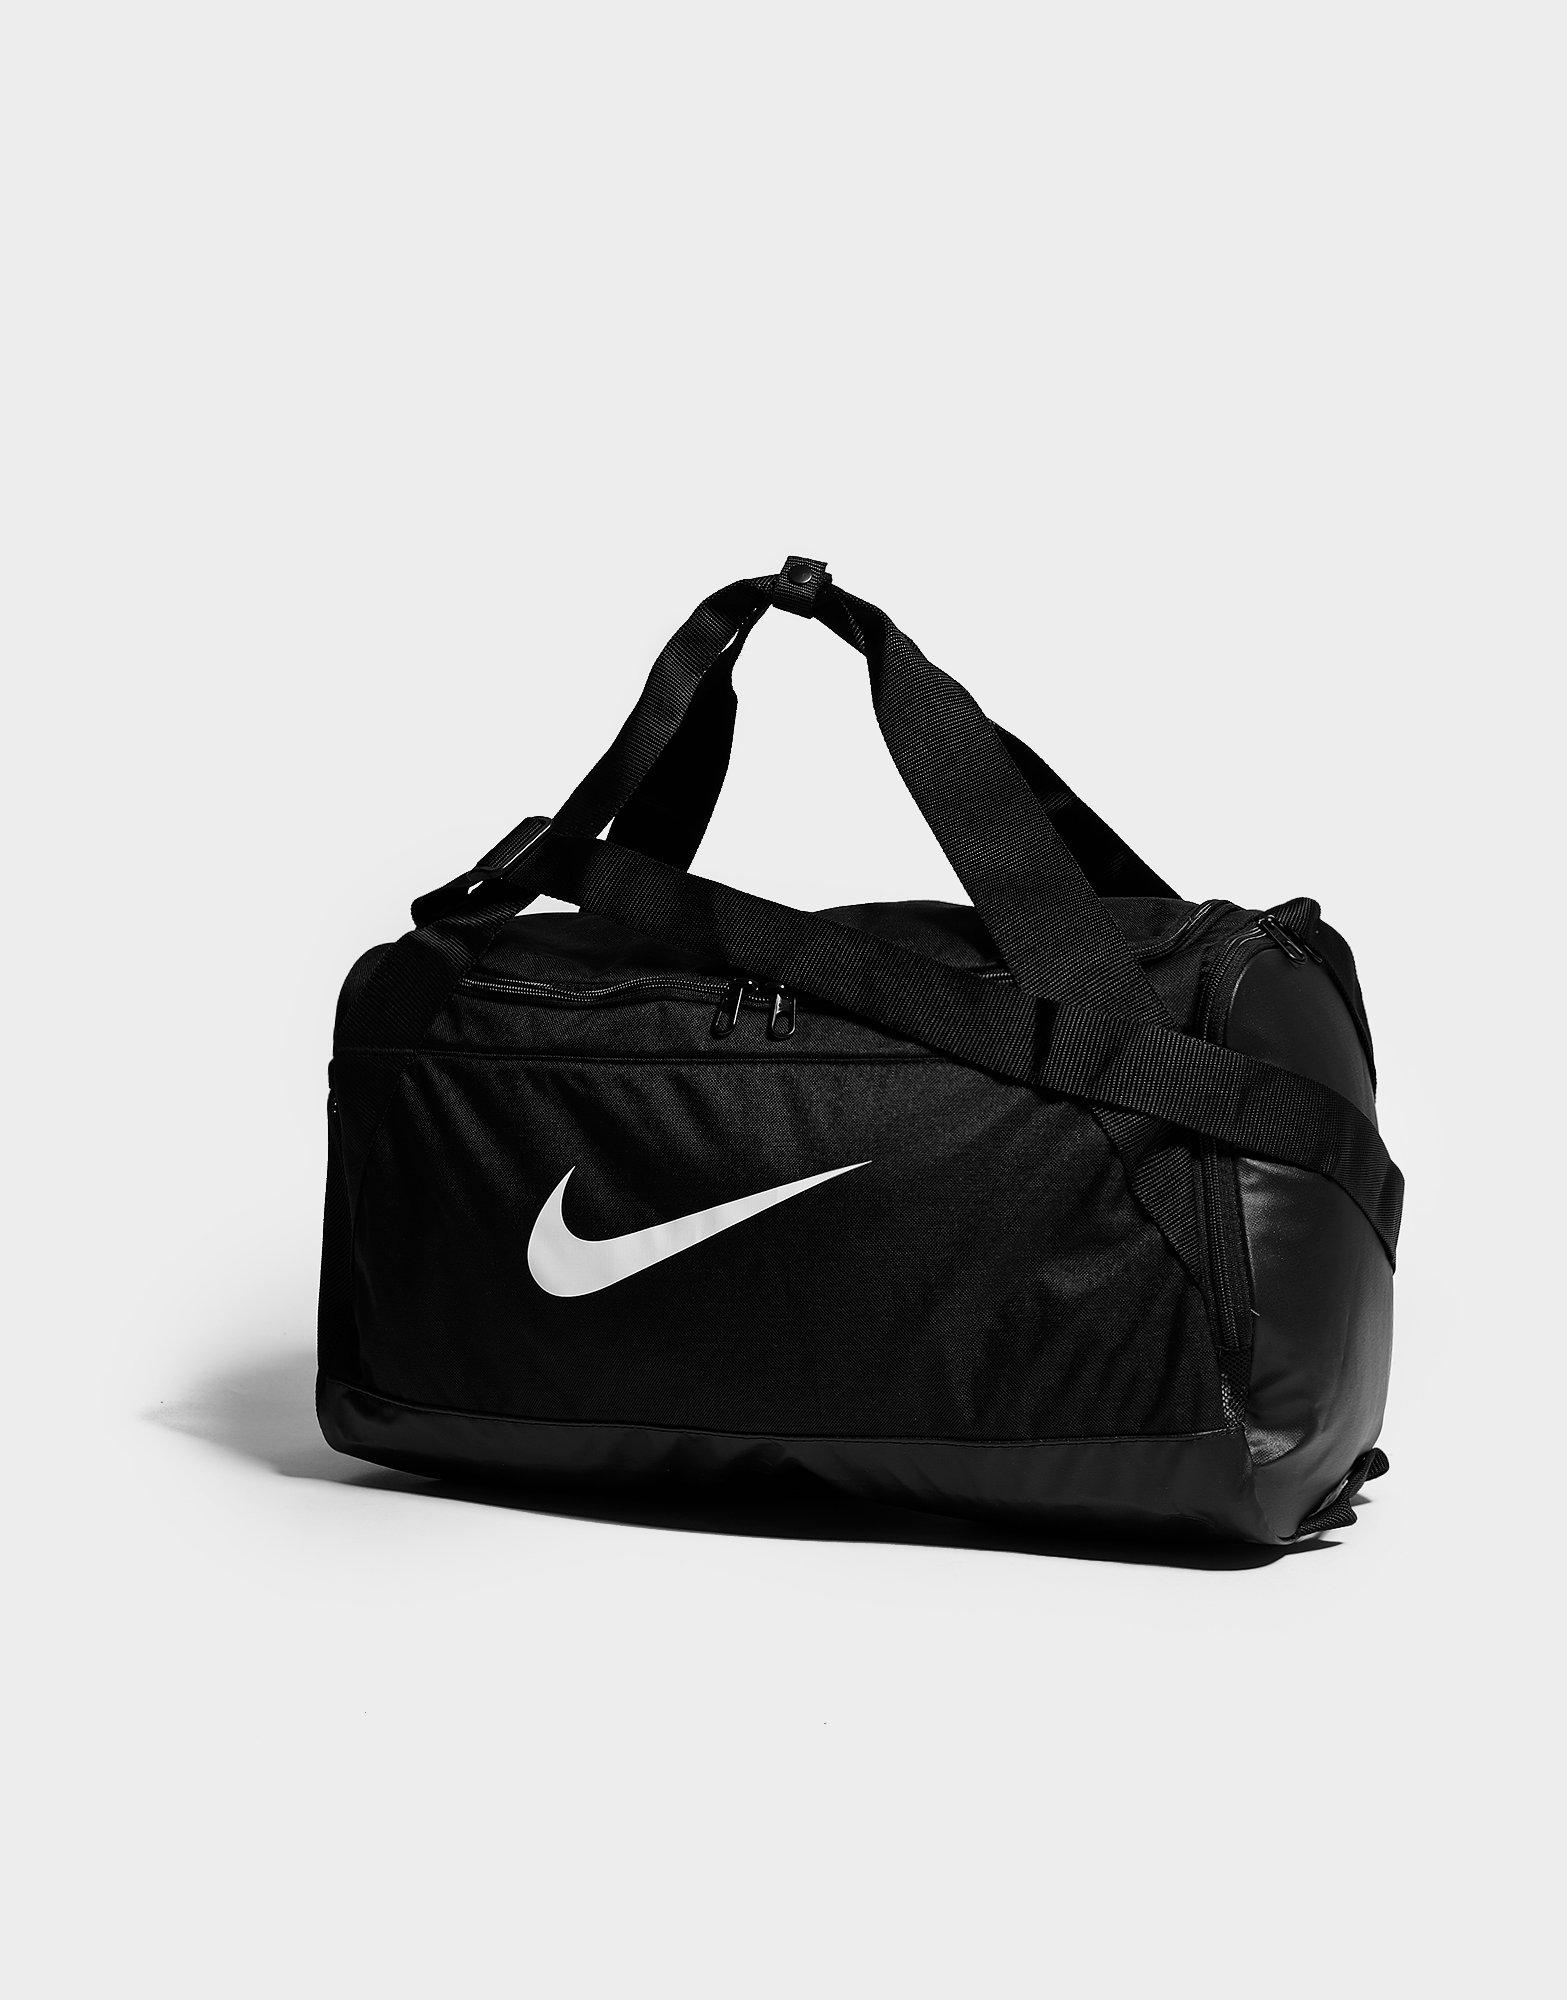 Nike Air Huarache Toda Lona Jd Negro elección venta barata PLTWf